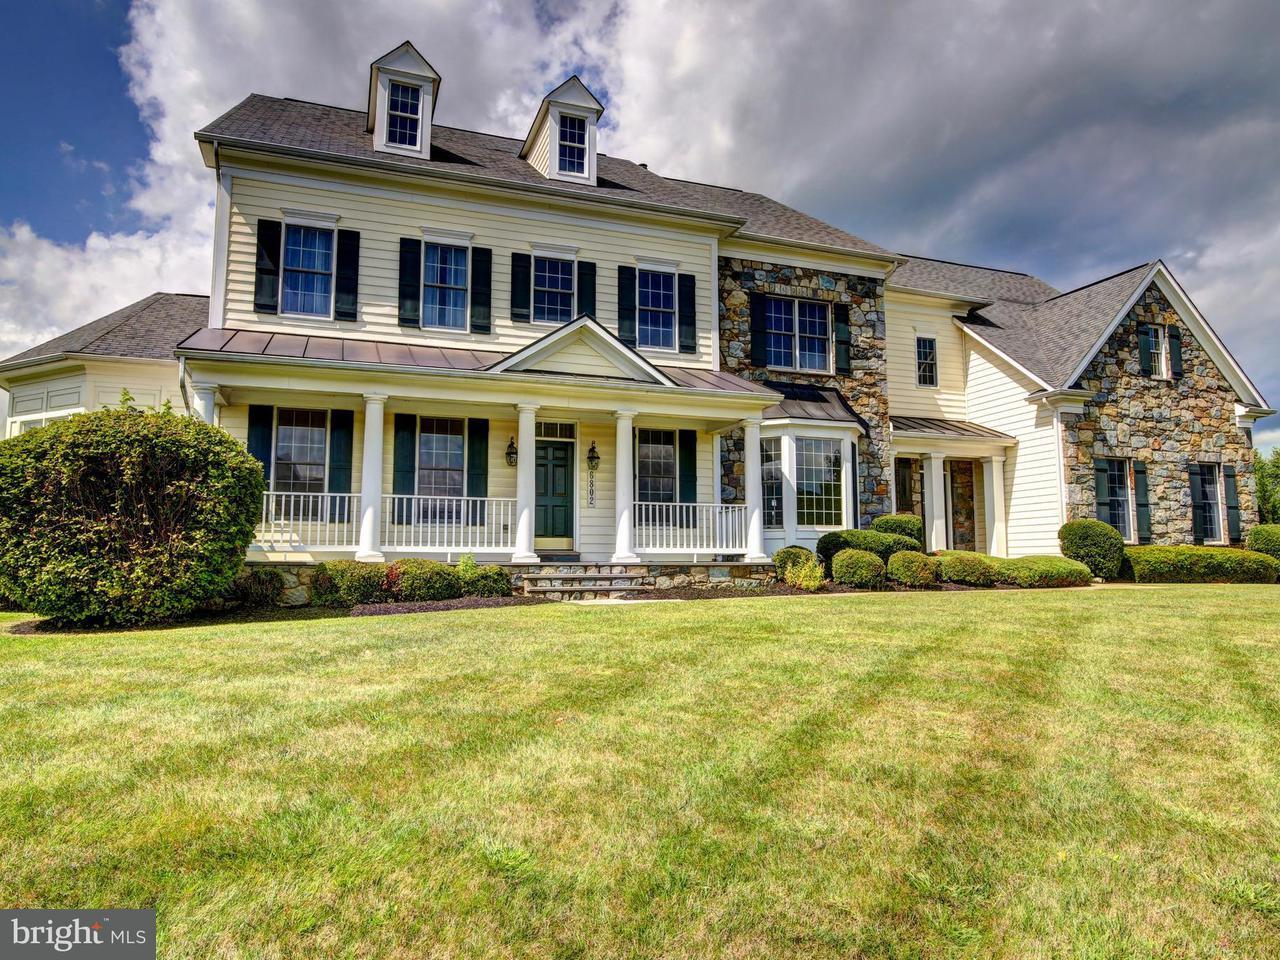 Maison unifamiliale pour l Vente à 6802 SOUTHRIDGE WAY 6802 SOUTHRIDGE WAY Middletown, Maryland 21769 États-Unis